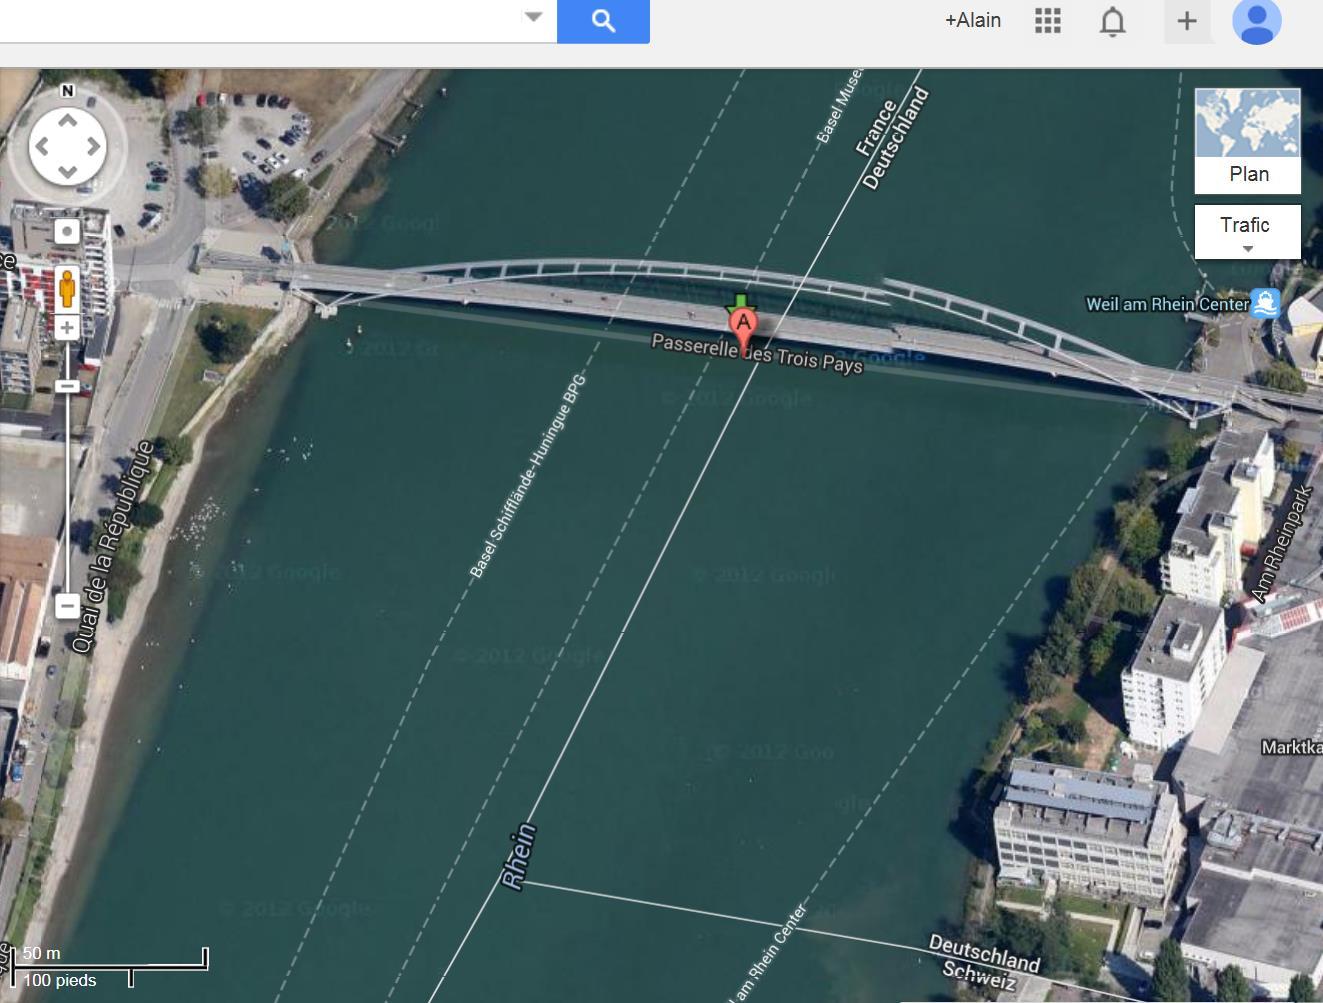 Les ponts du monde avec Google Earth - Page 16 907802passerelledes3pays1